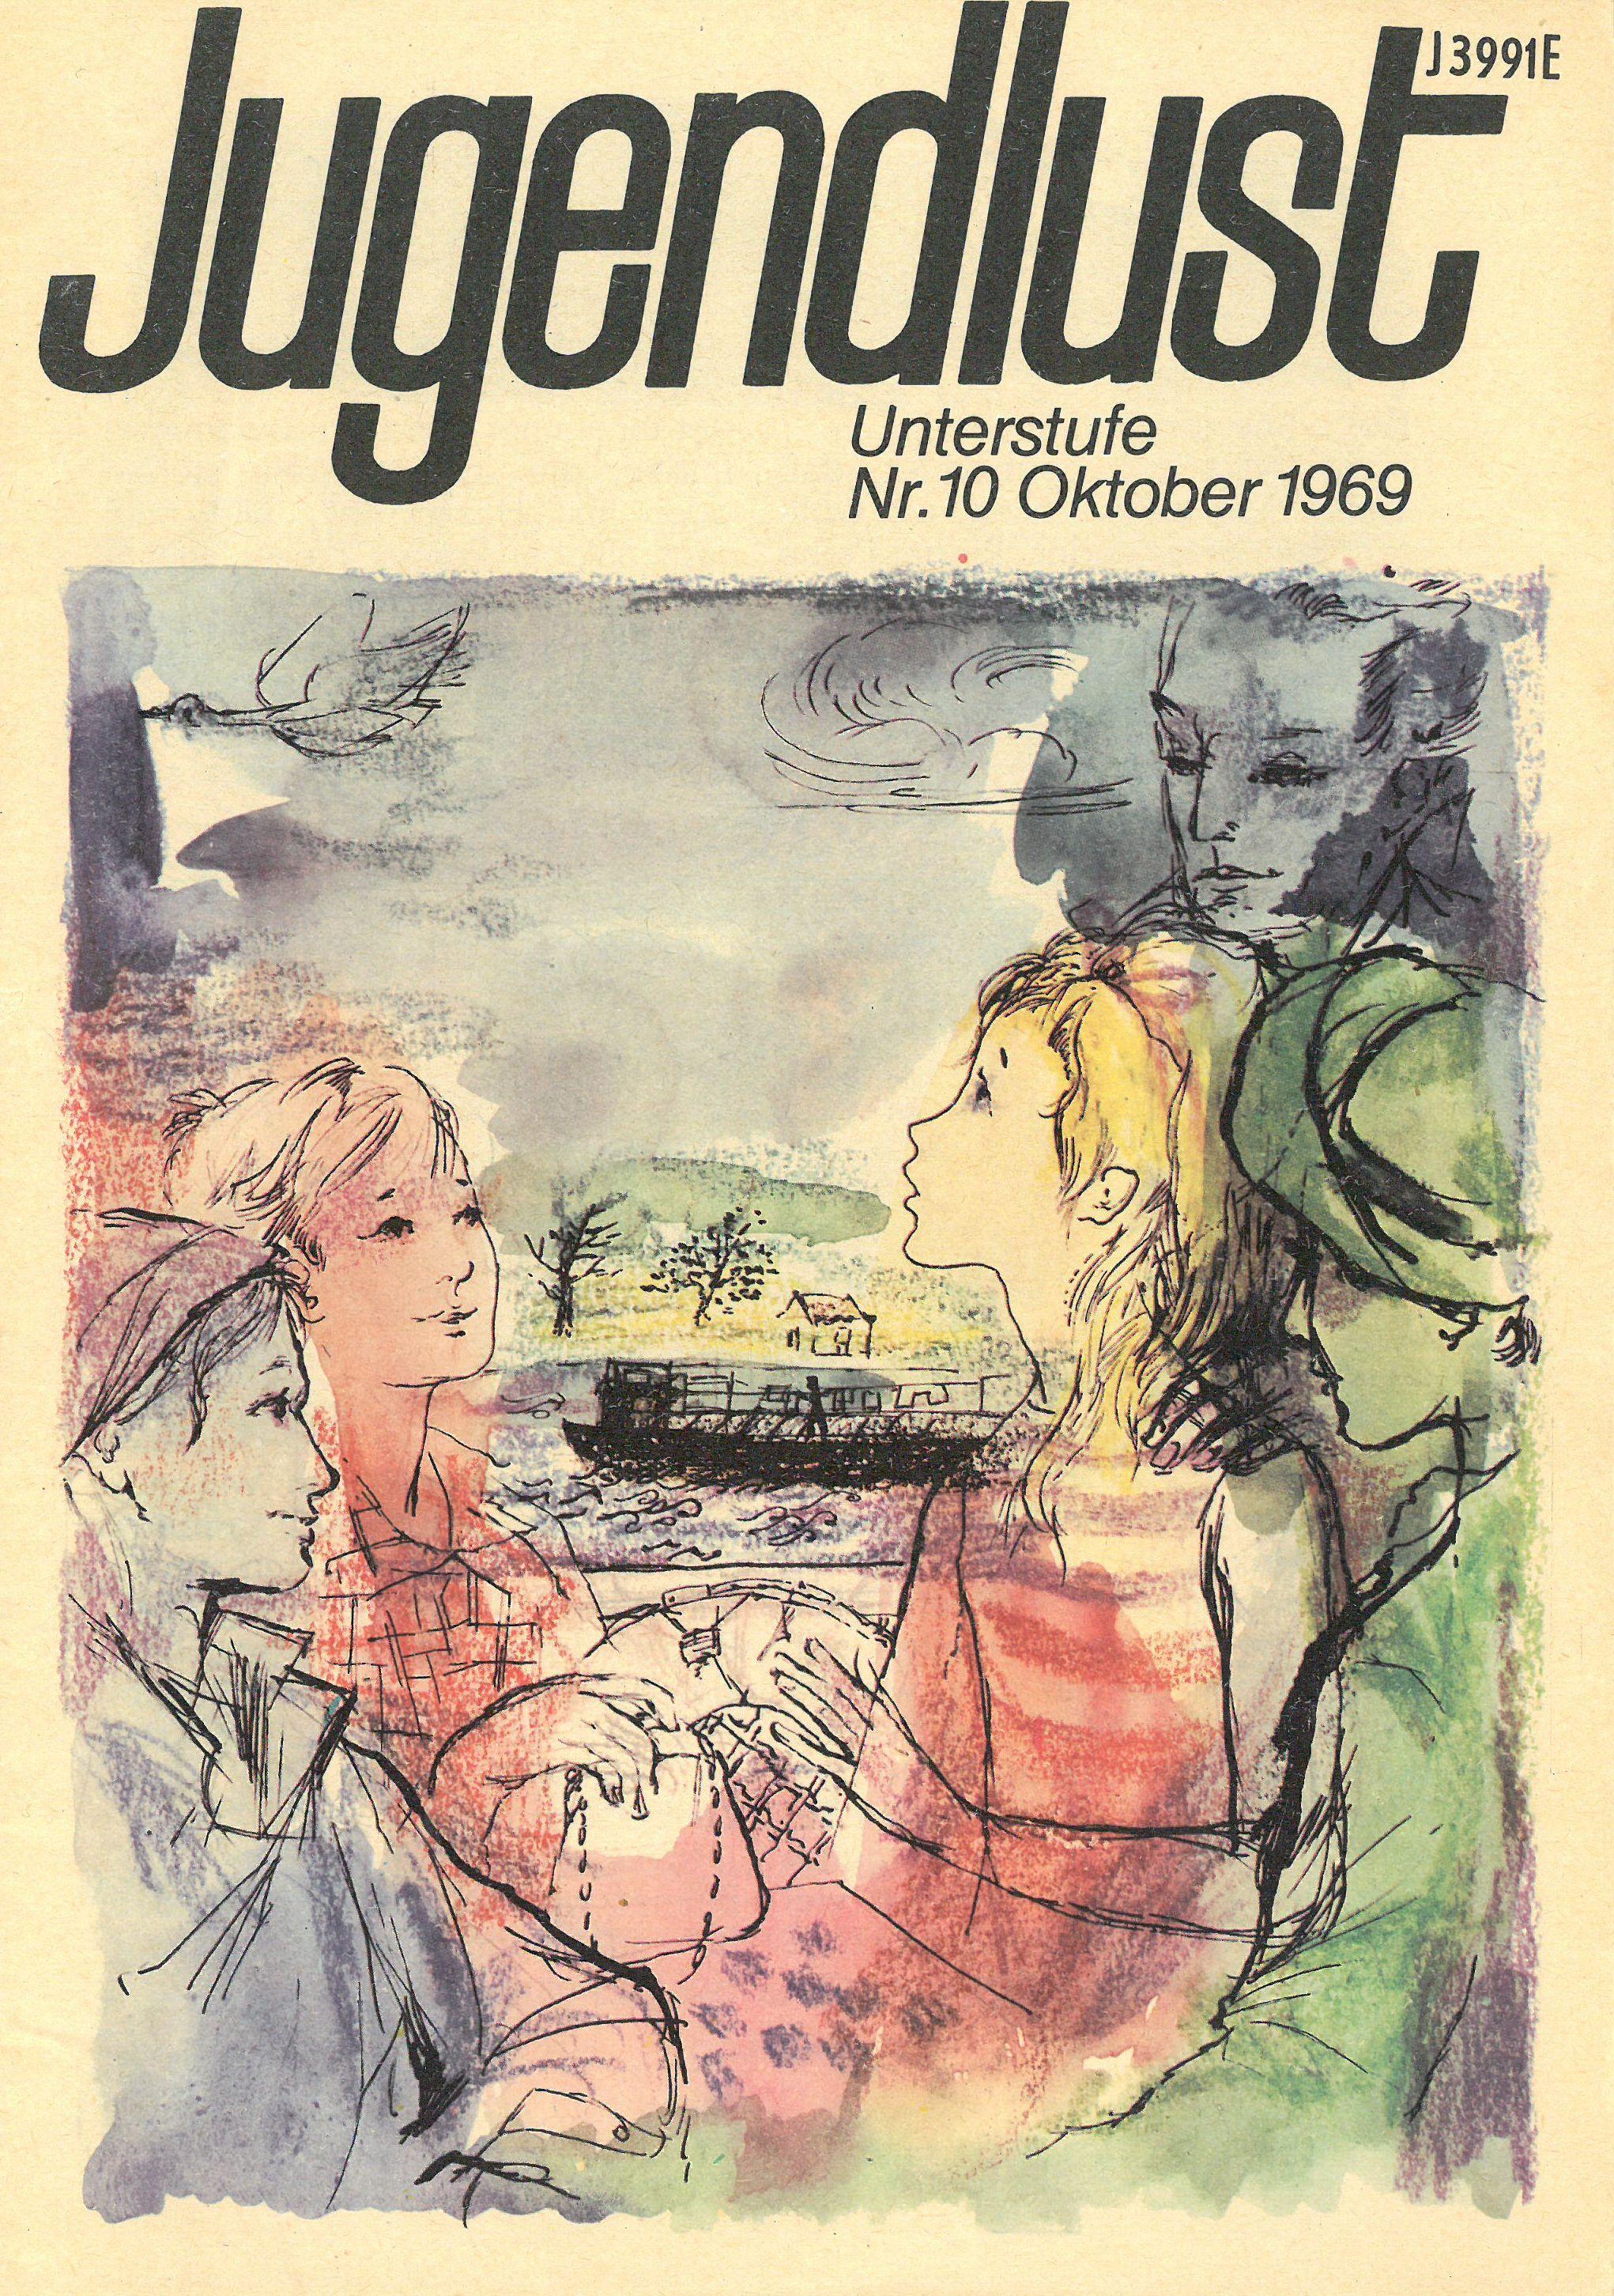 Titelblatt Heft 10 1969 (Stadtarchiv Nürnberg E 6/954 Nr. 8)